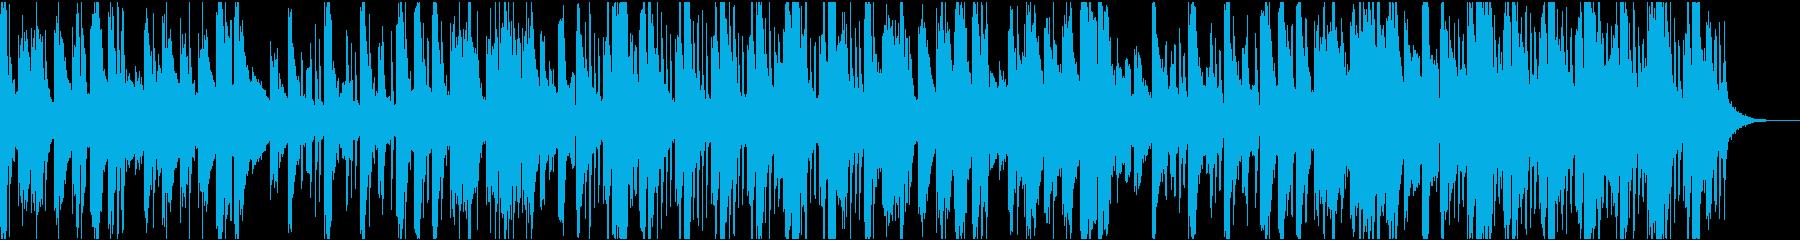 能動的な甲殻類的音楽の再生済みの波形